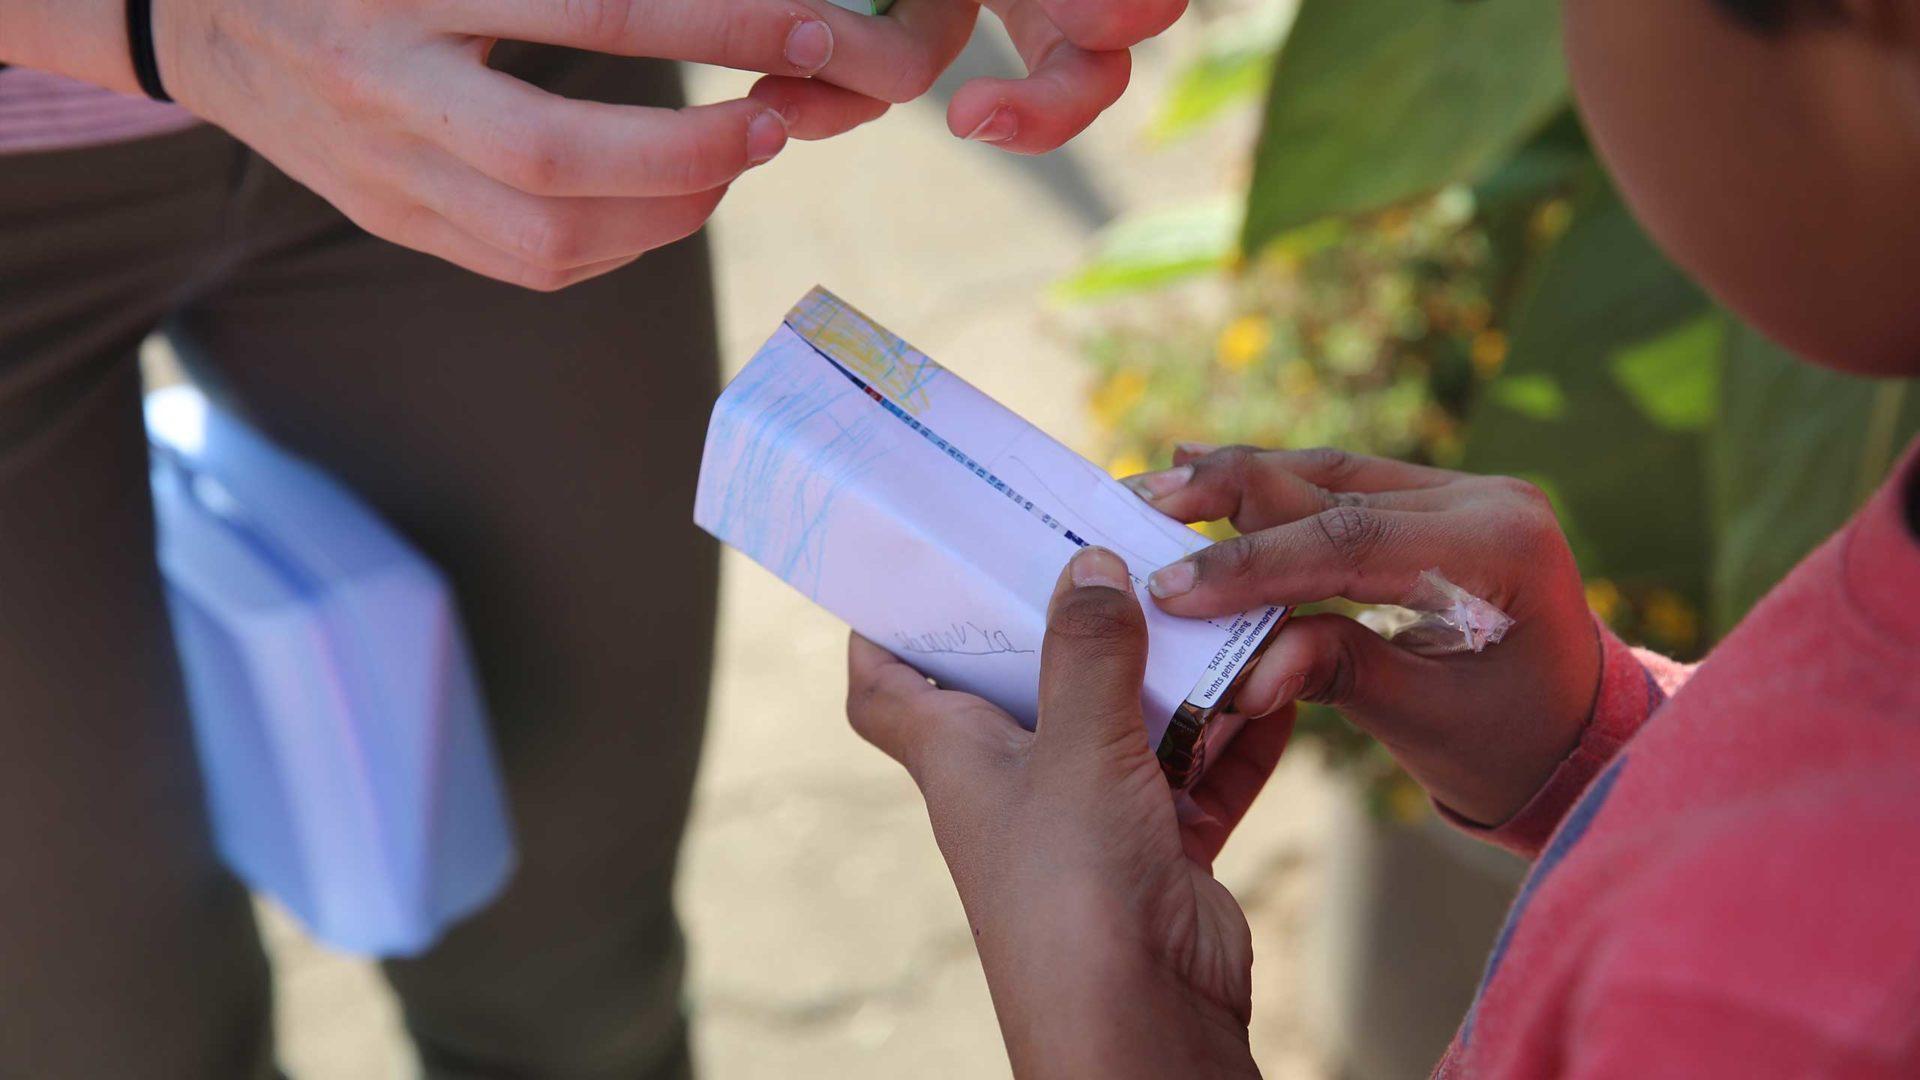 Aktion Mahlzeit auf dem Milchhof. Die Kinder dürfen ihre eigene Milchverpackung gestalten.